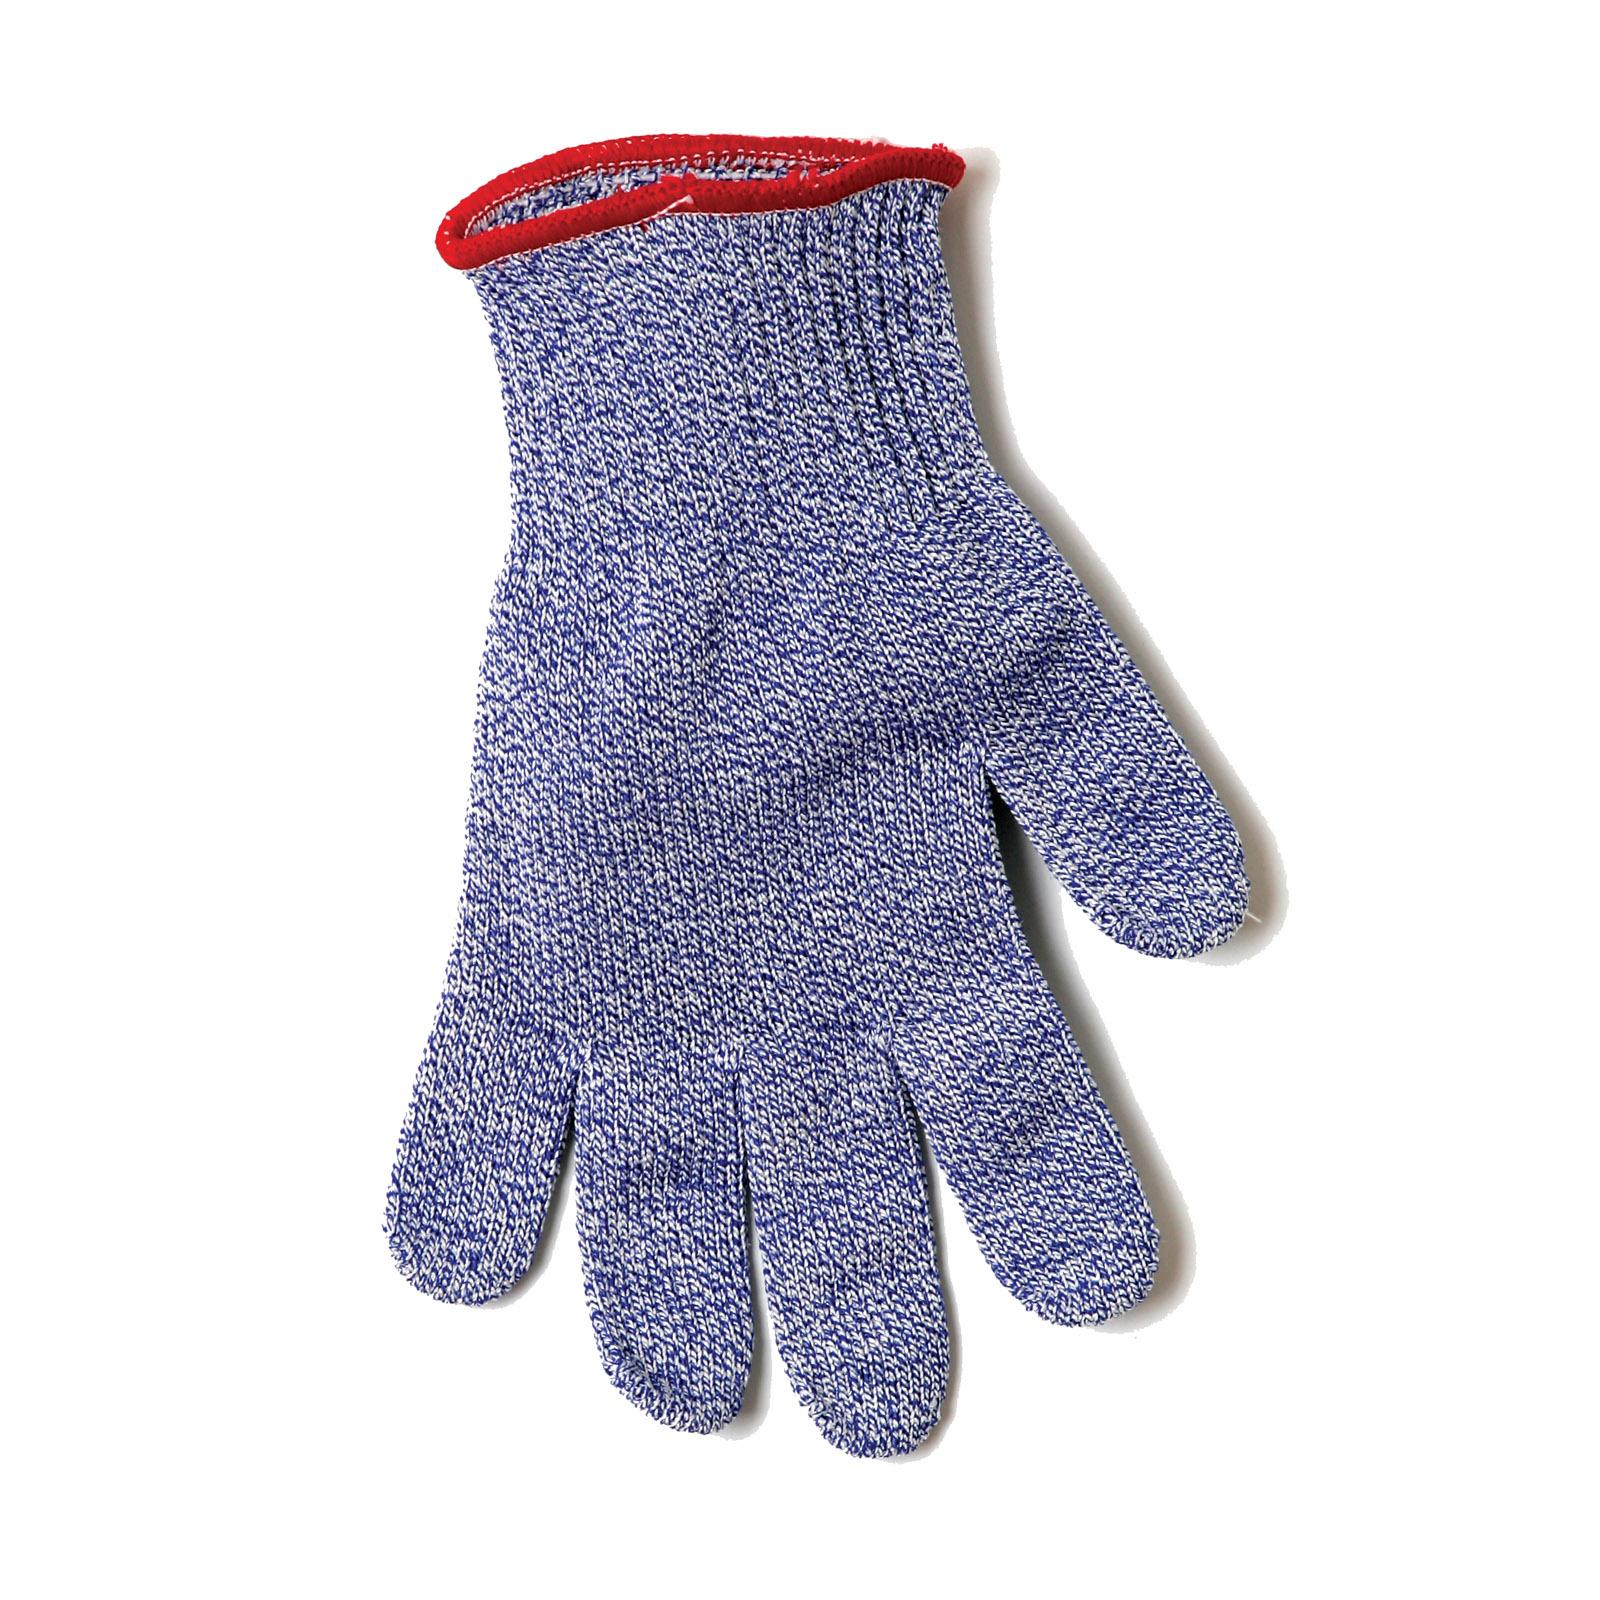 San Jamar SG10-BL-M glove, cut resistant